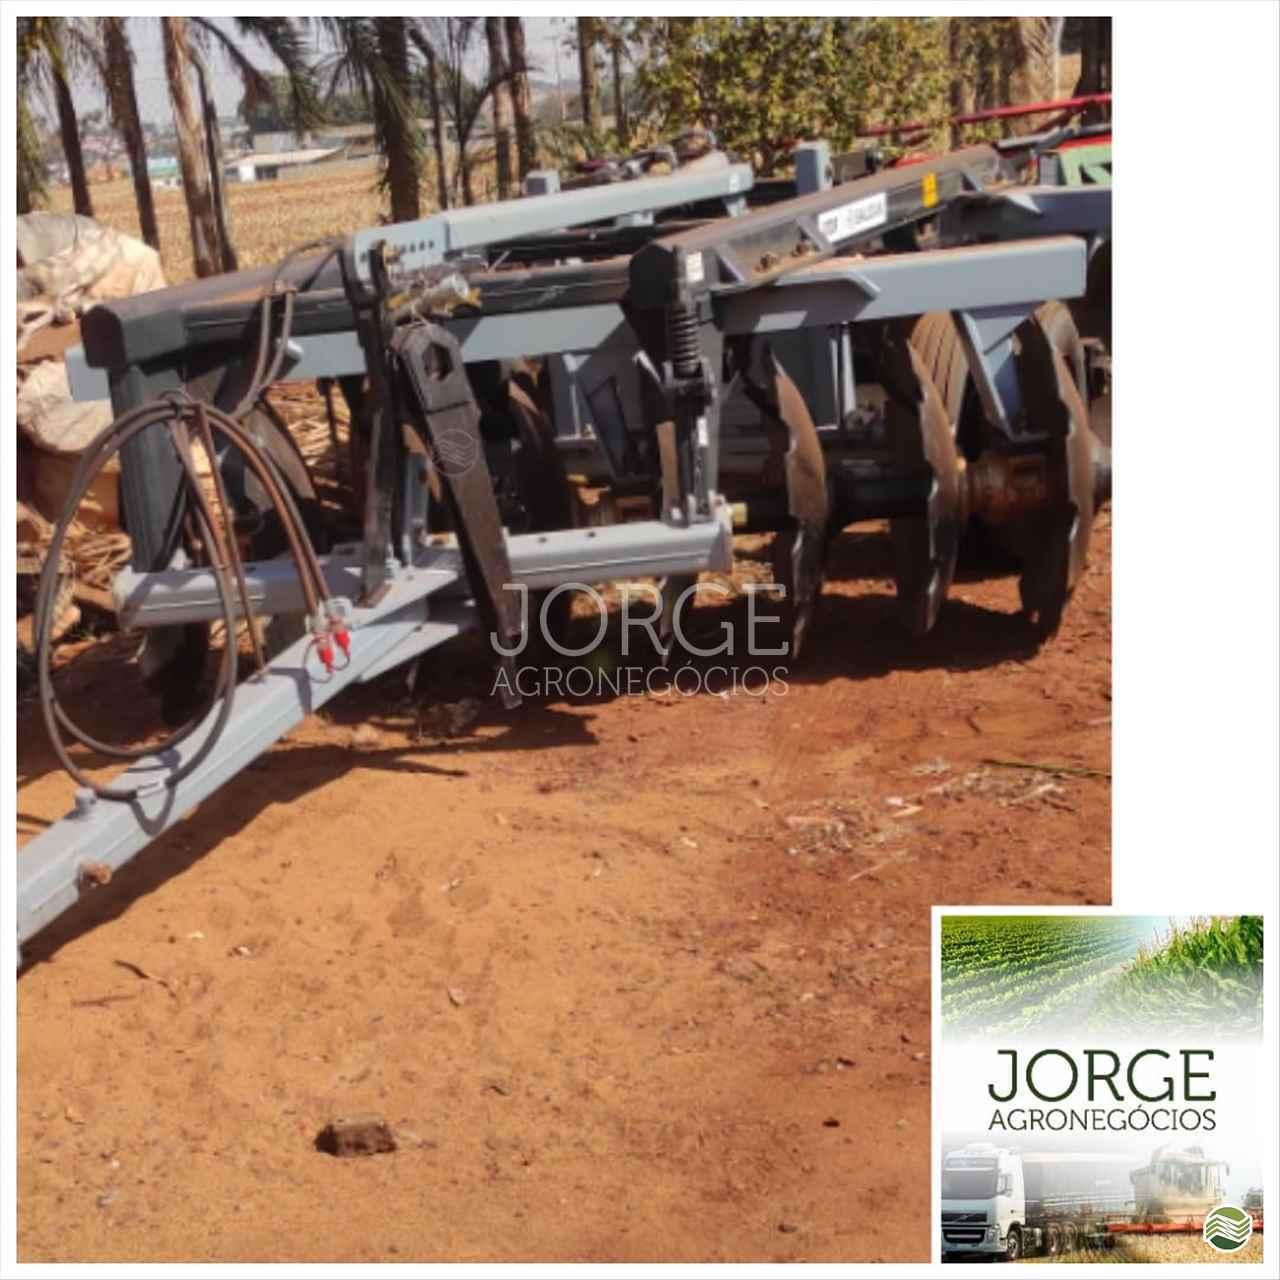 IMPLEMENTOS AGRICOLAS GRADE ARADORA ARADORA 16 DISCOS Jorge Agronegócios NOVA PONTE MINAS GERAIS MG